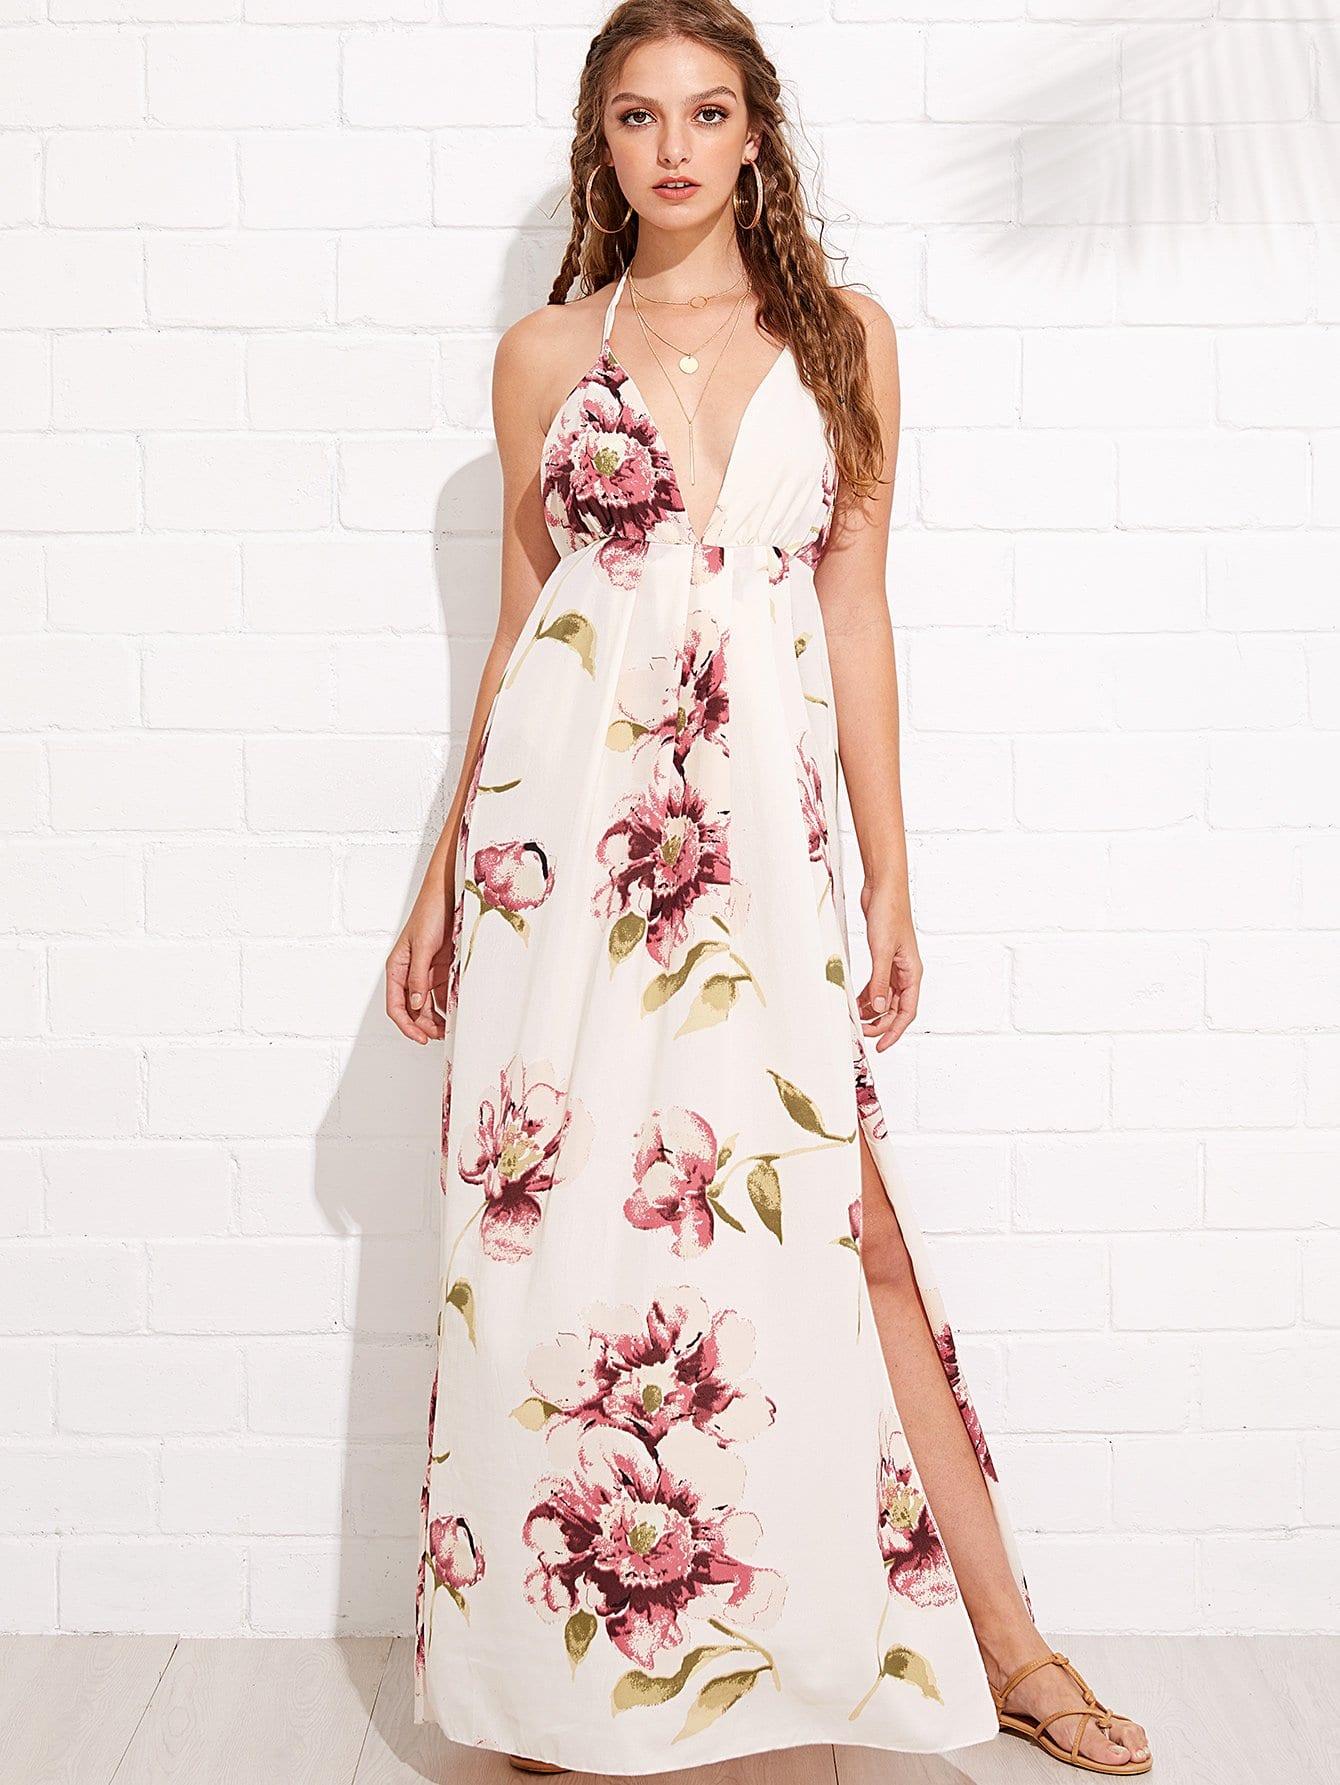 Floral Print Split Hem Backless Halter Dress